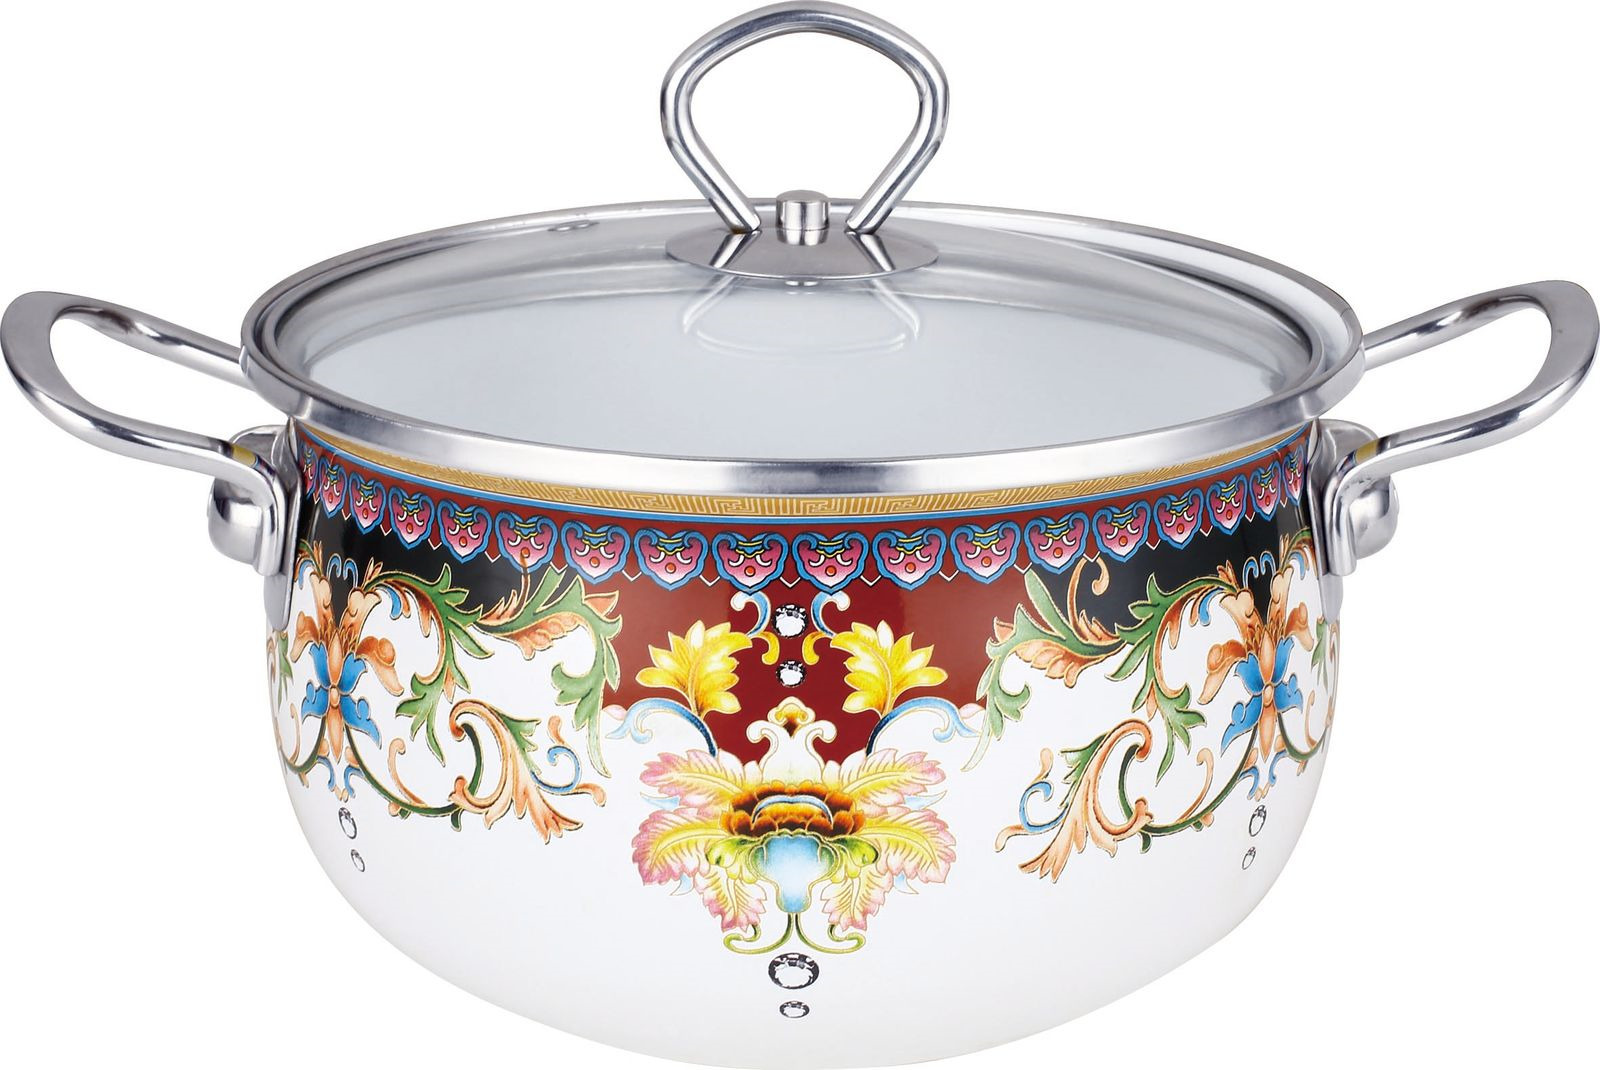 Кастрюля Kelli KL-4438-20, с крышкой, цвет: белый, 4,2 л кастрюля эмалированная myron cook с крышкой 3 л